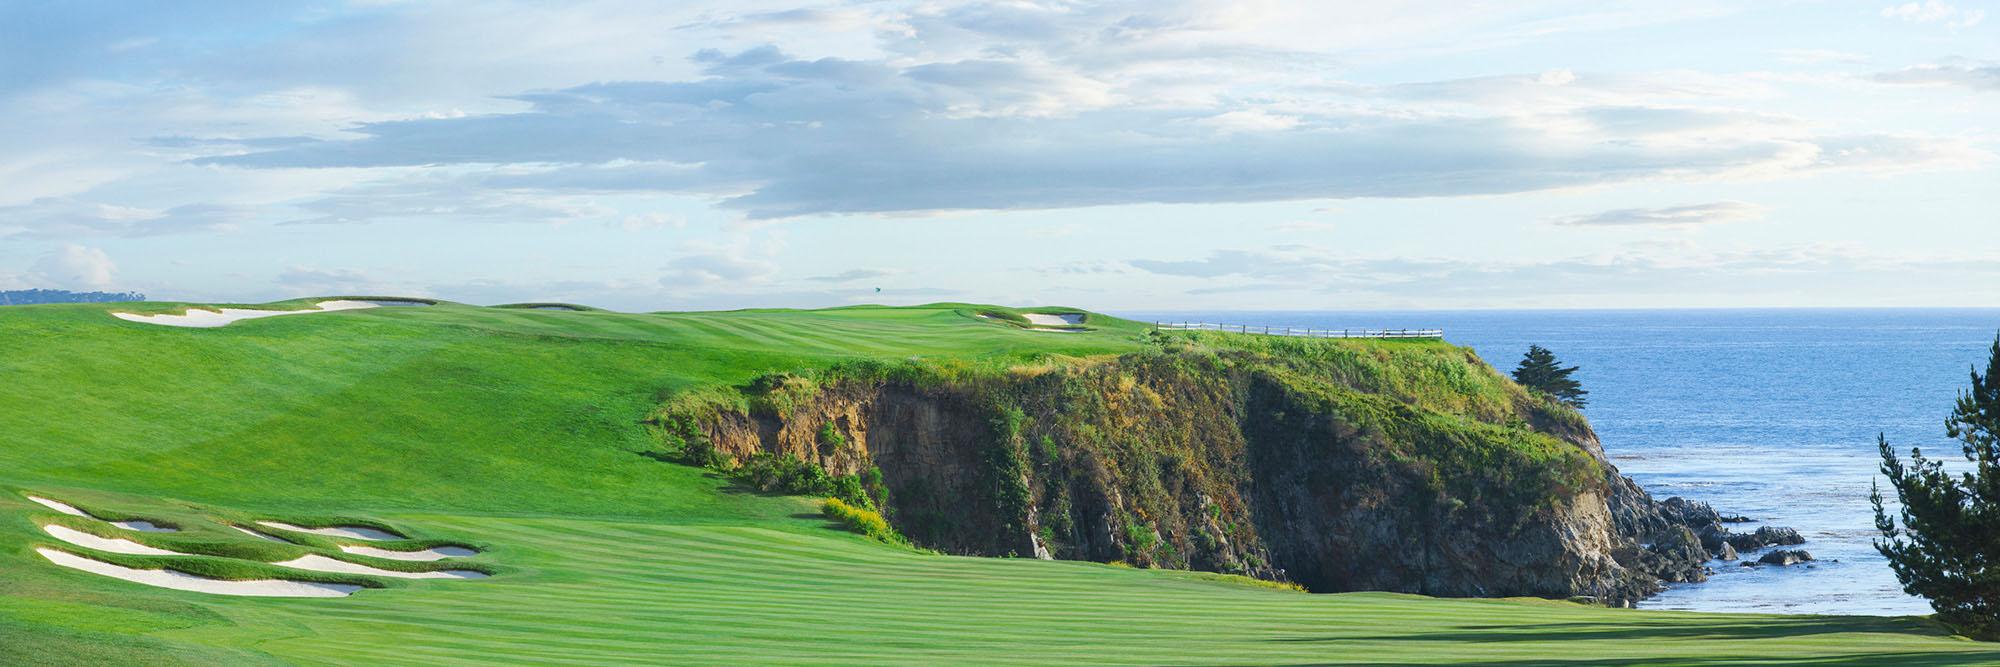 Golf Course Image - Pebble Beach No. 6